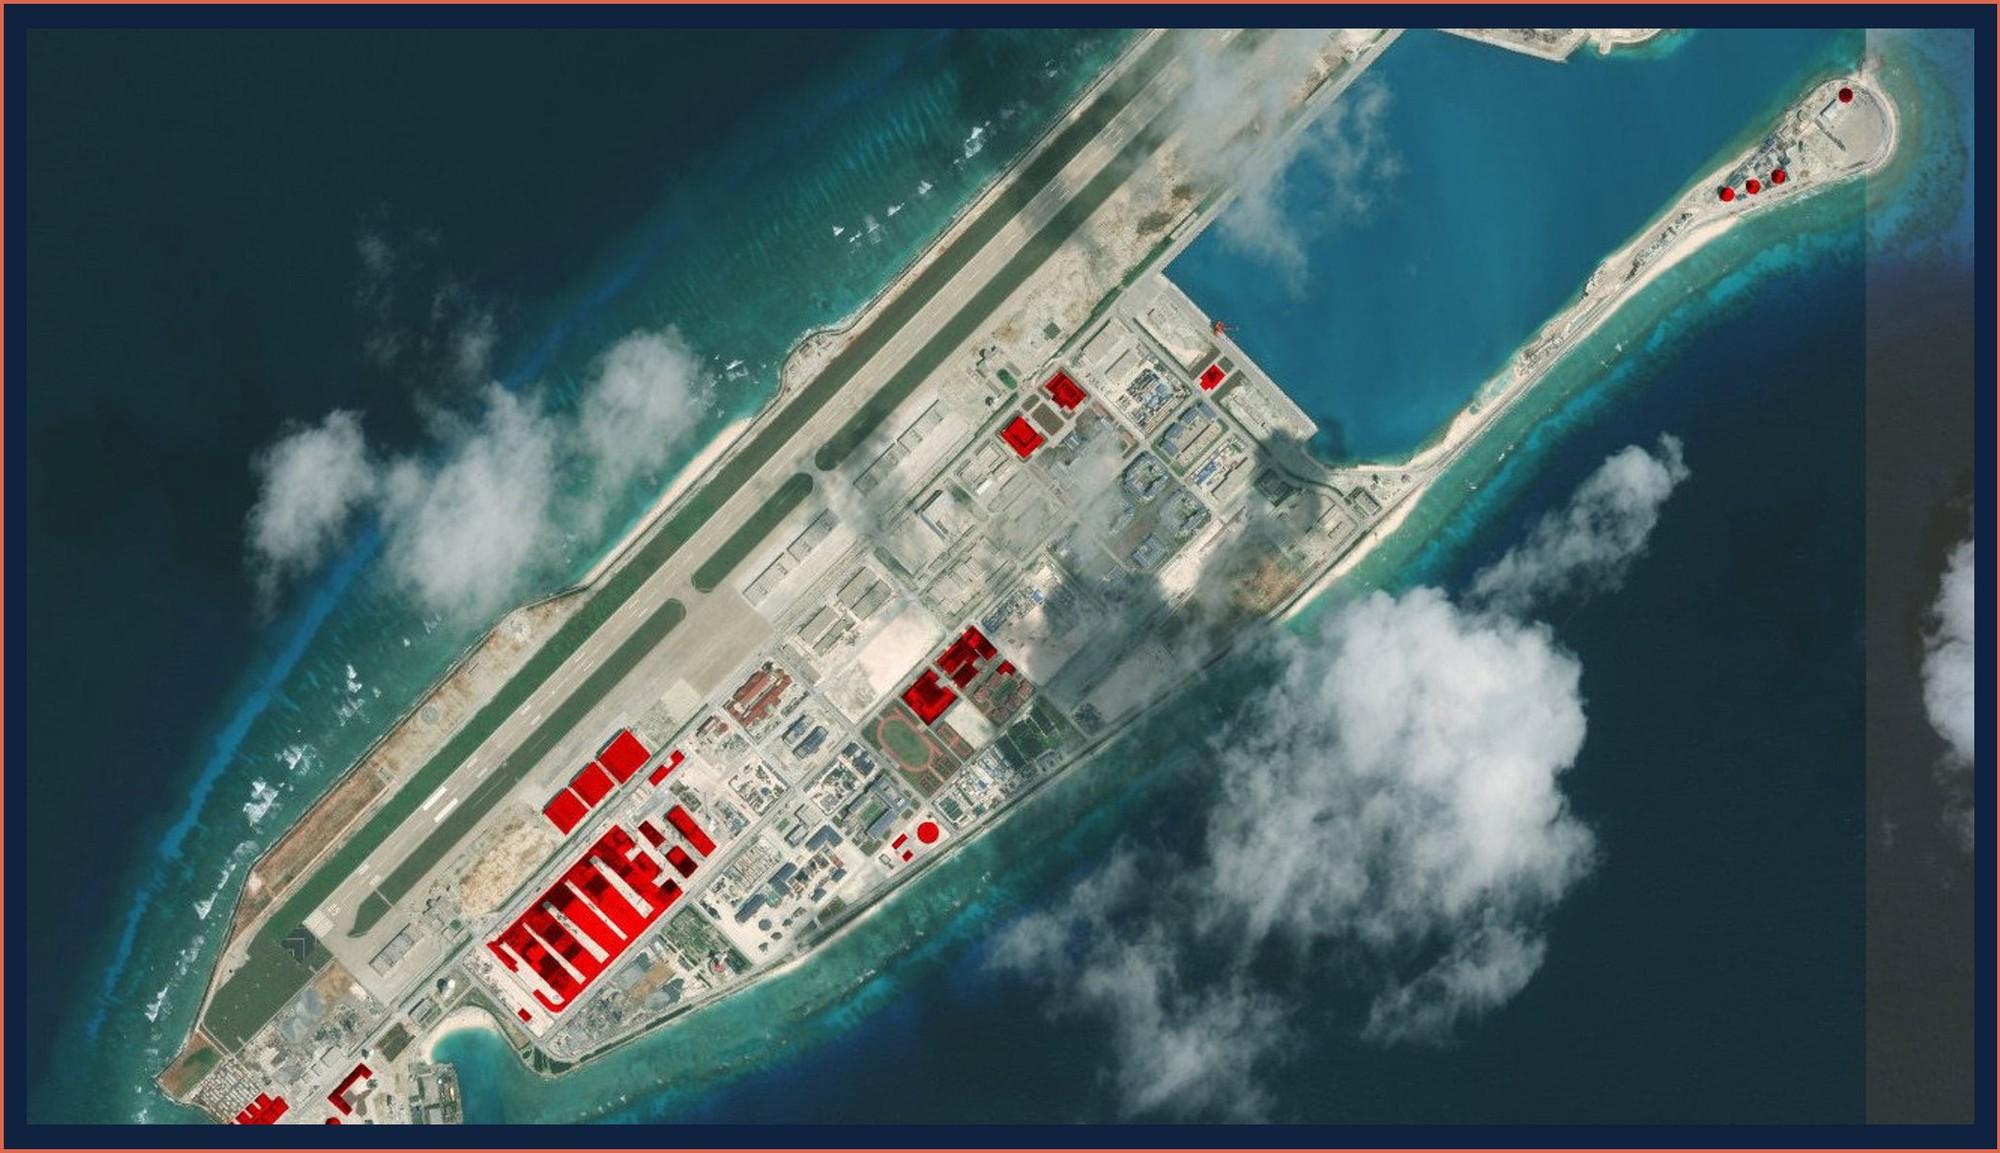 Xâm phạm vùng biển Việt Nam, Trung Quốc đang mang tư duy bành trướng lục địa ra biển - Ảnh 9.